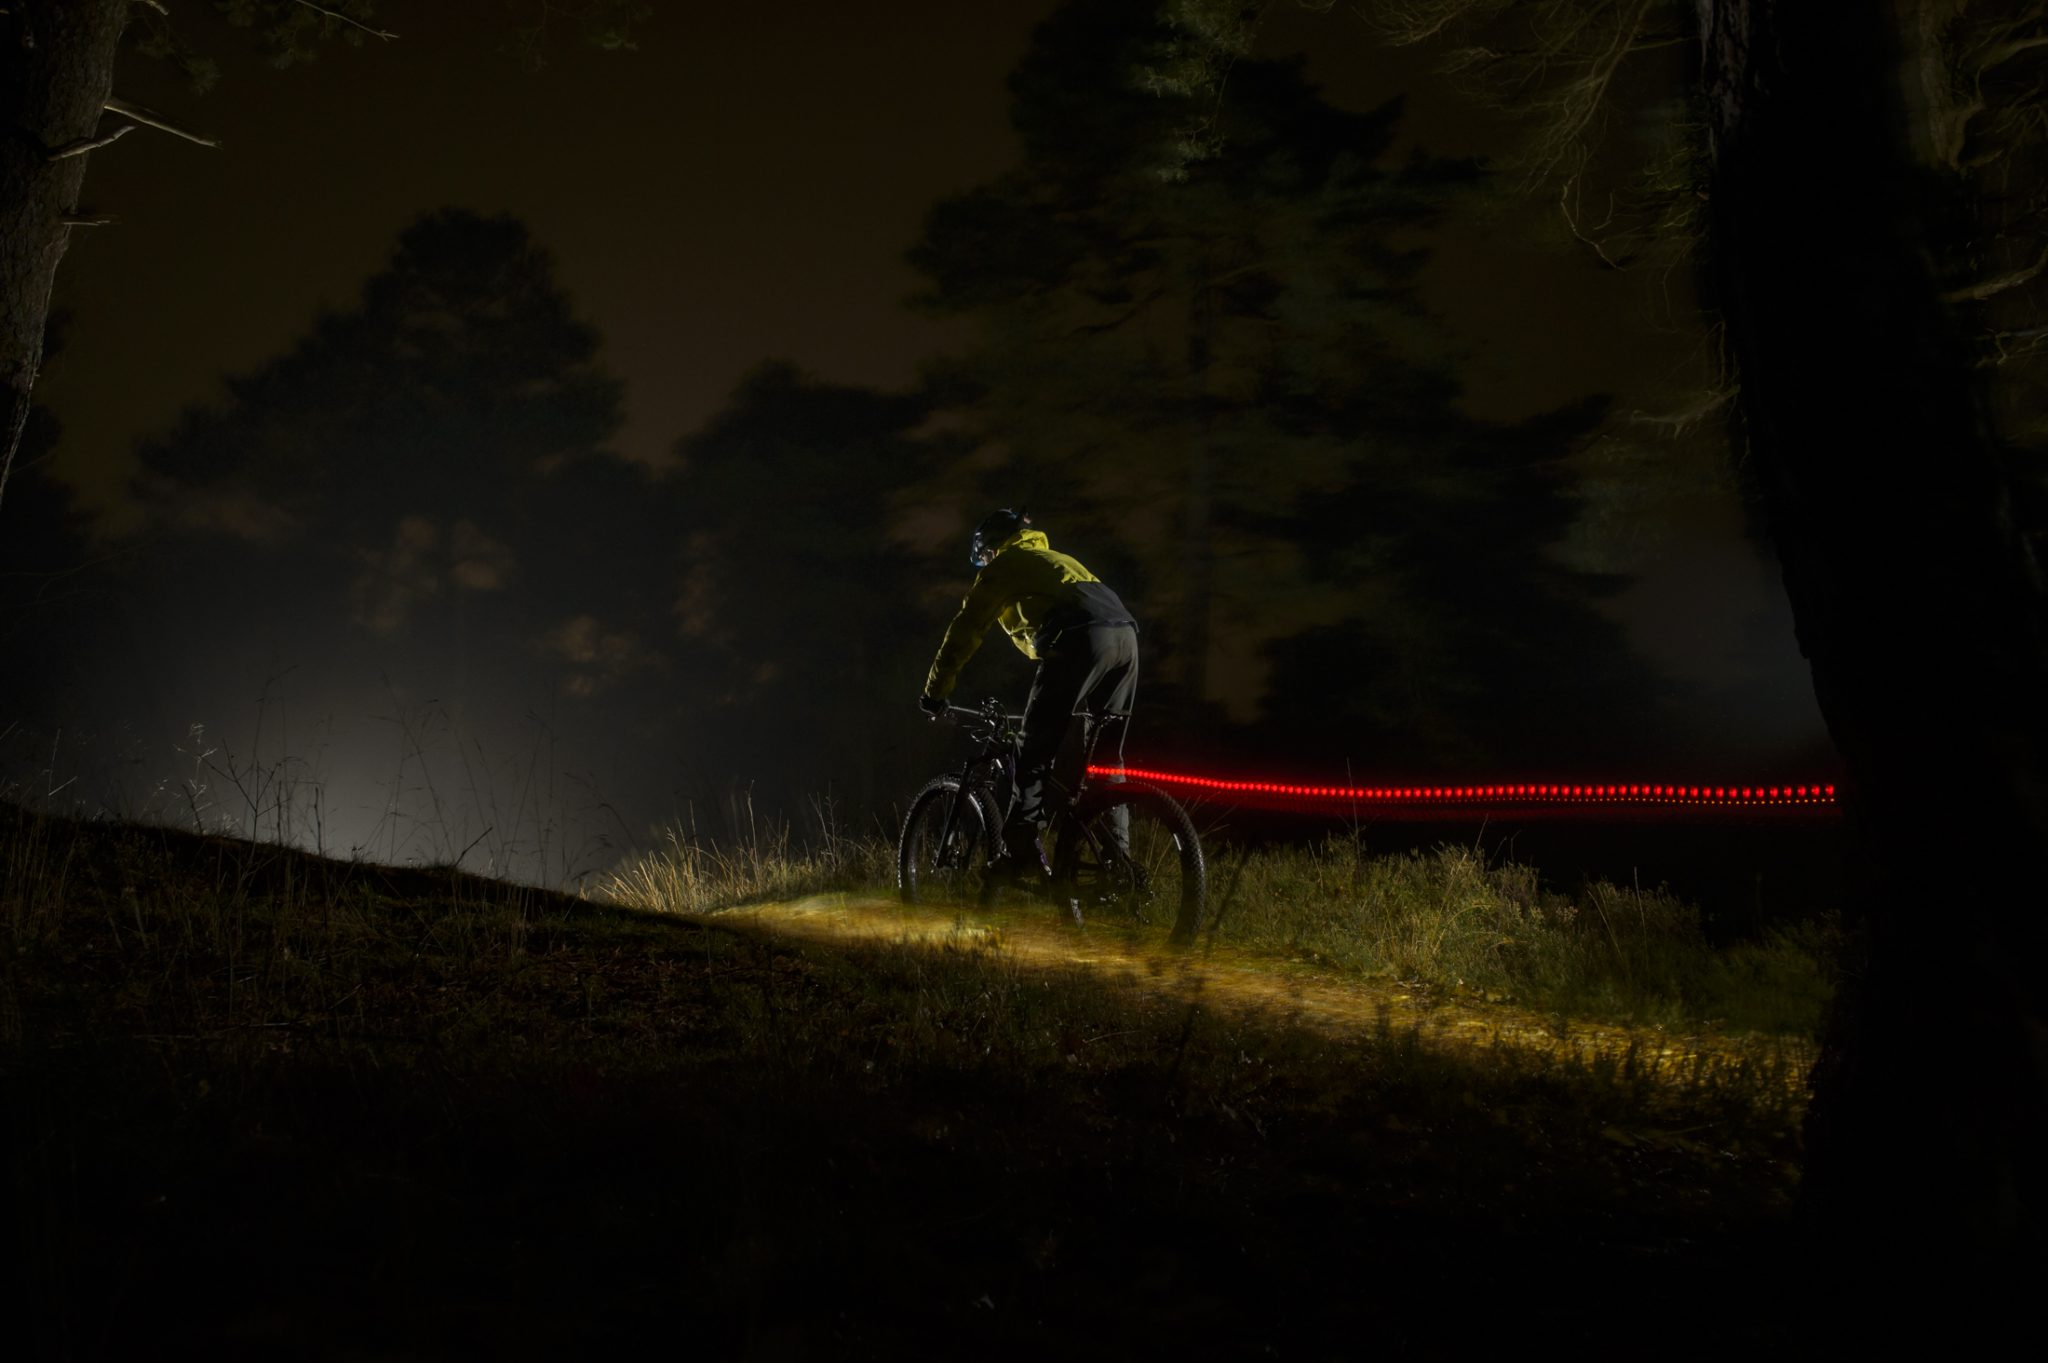 Drie opties voor betere zichtbaarheid op de fiets